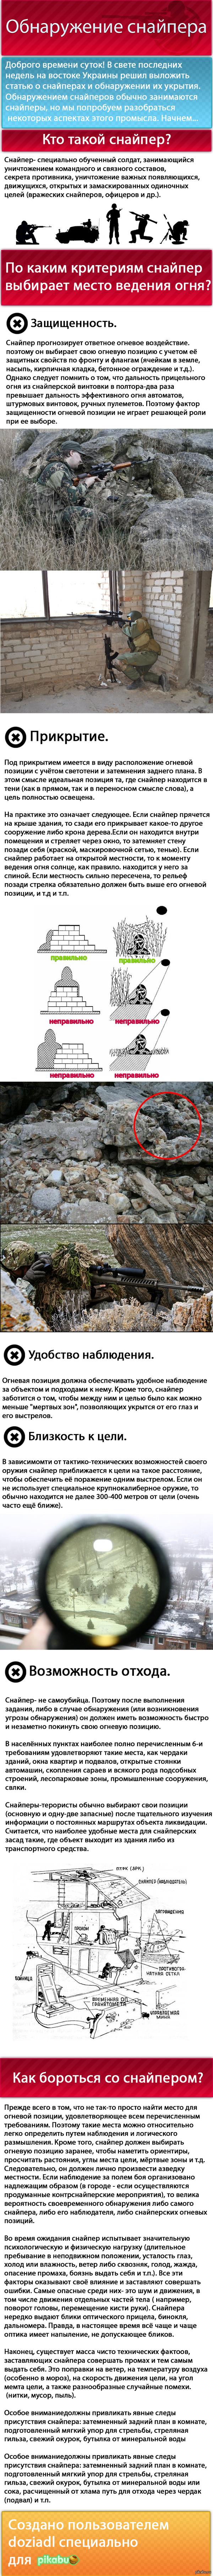 Обнаружение снайпера